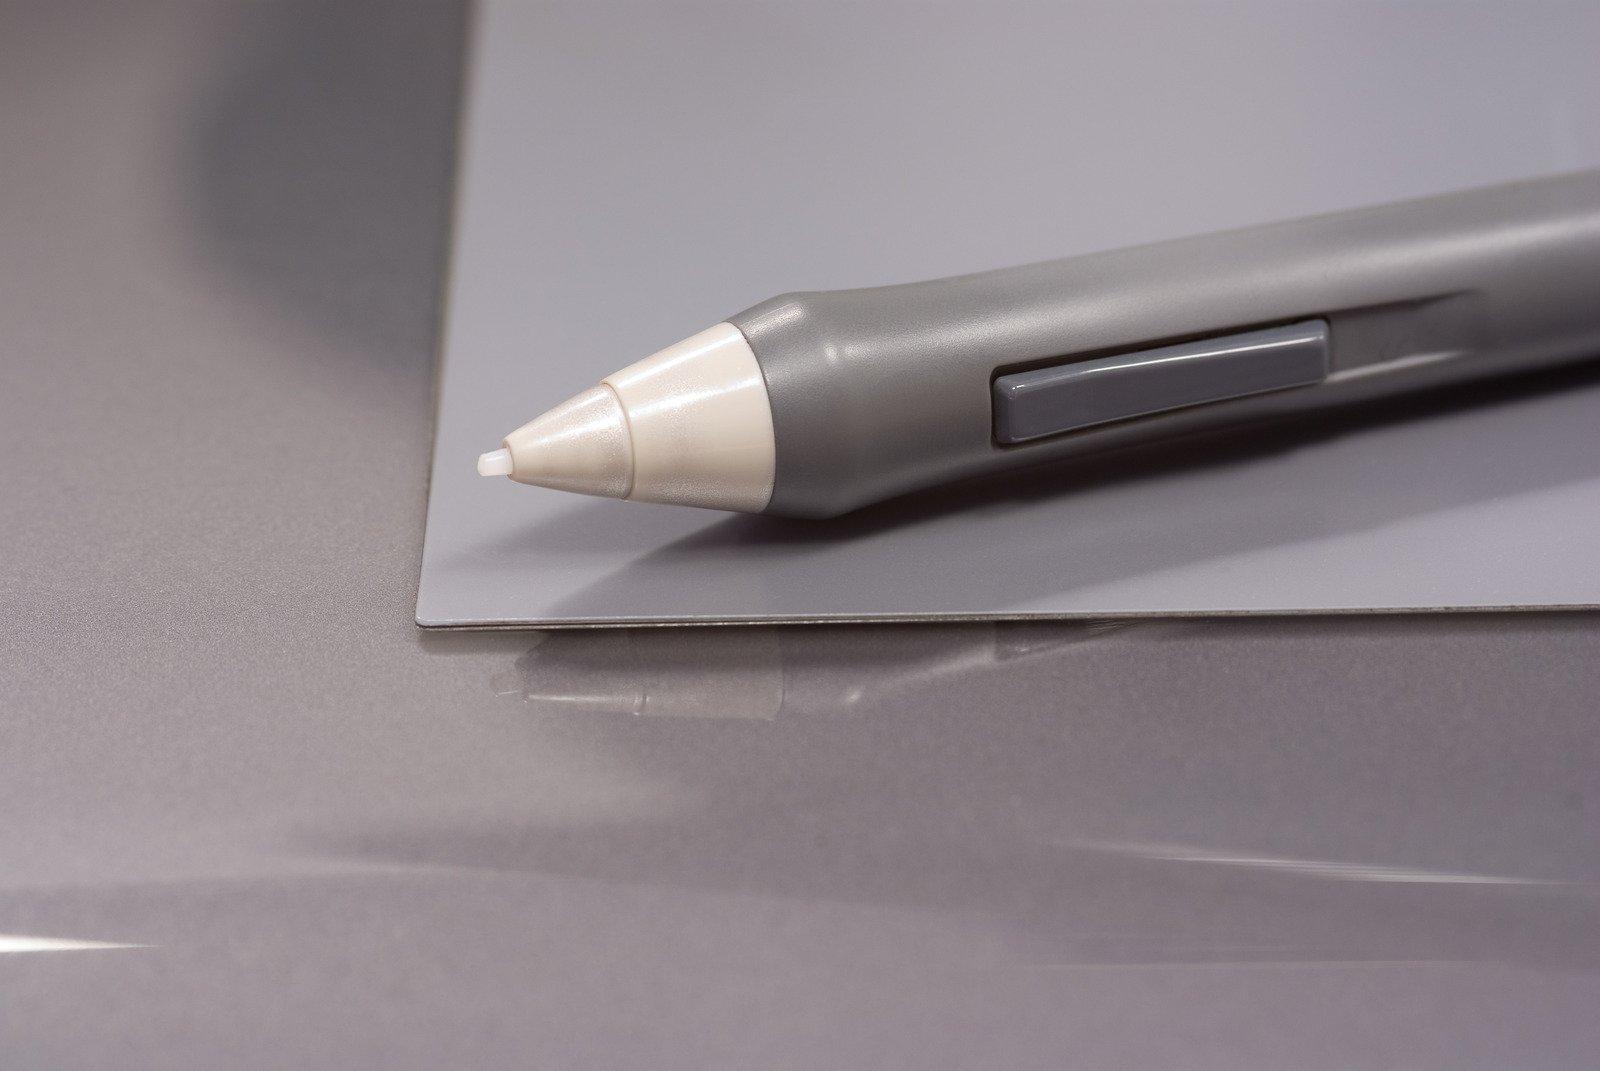 pen-tablet-1242389[1]